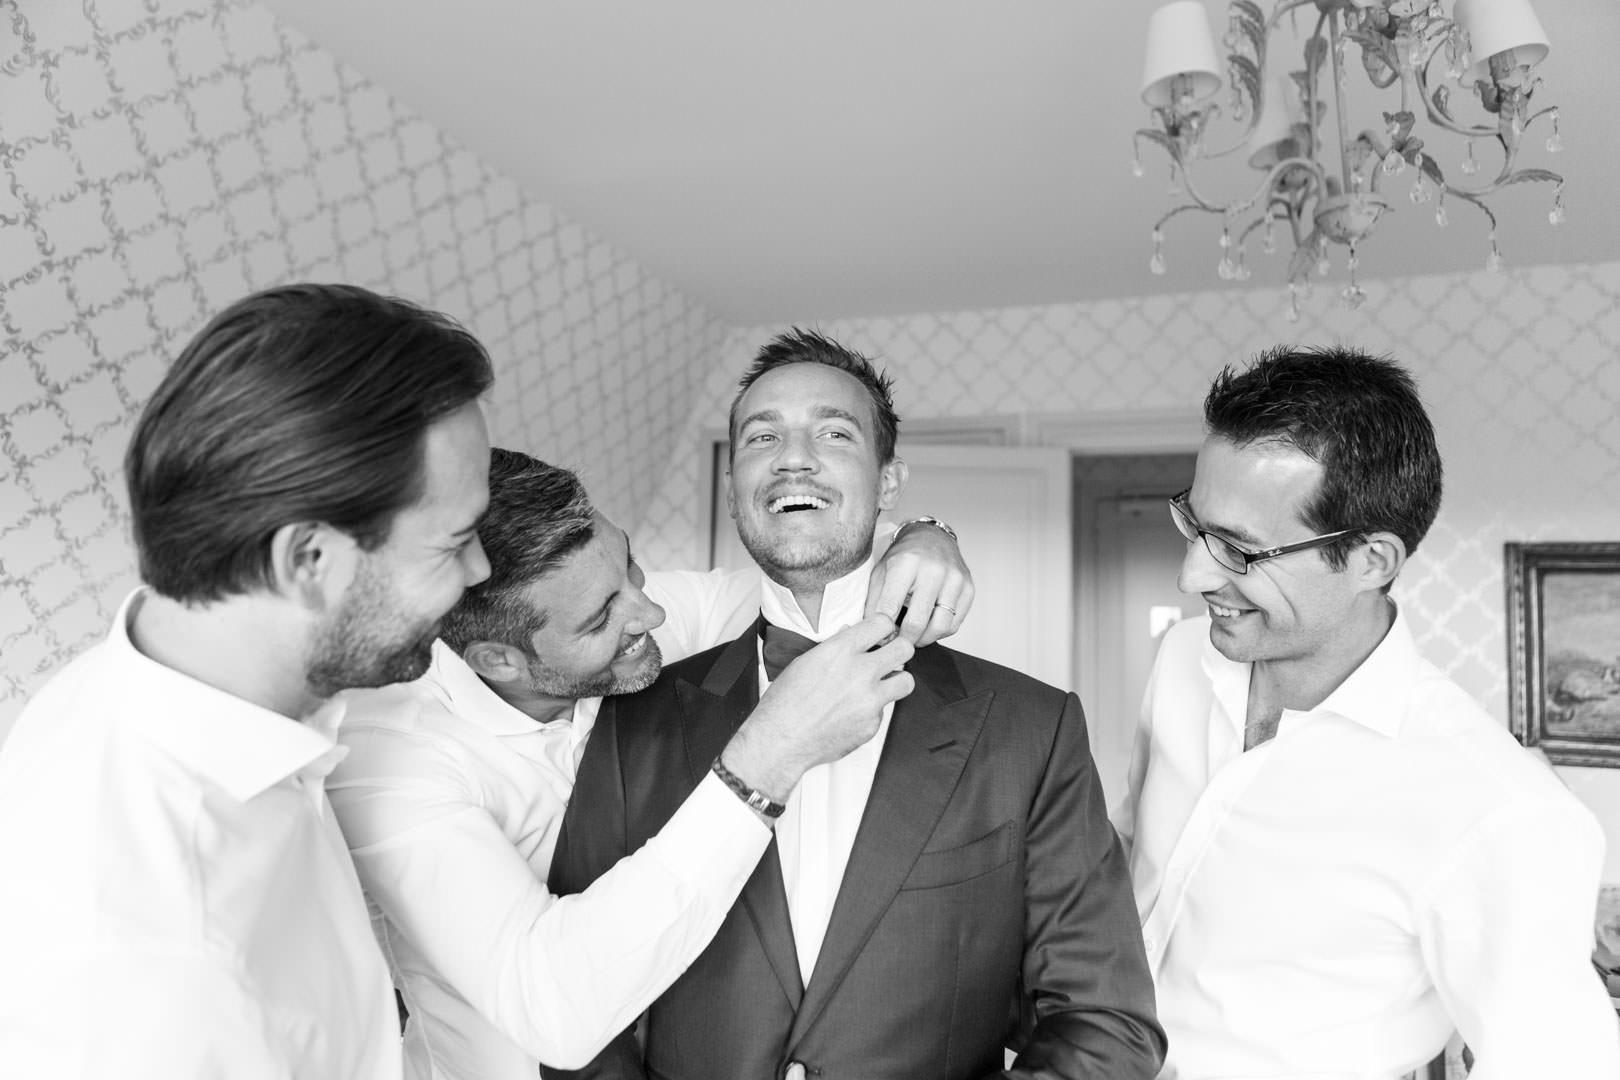 Mathias et les garçons se préparent : episode 2, la cravate du marié